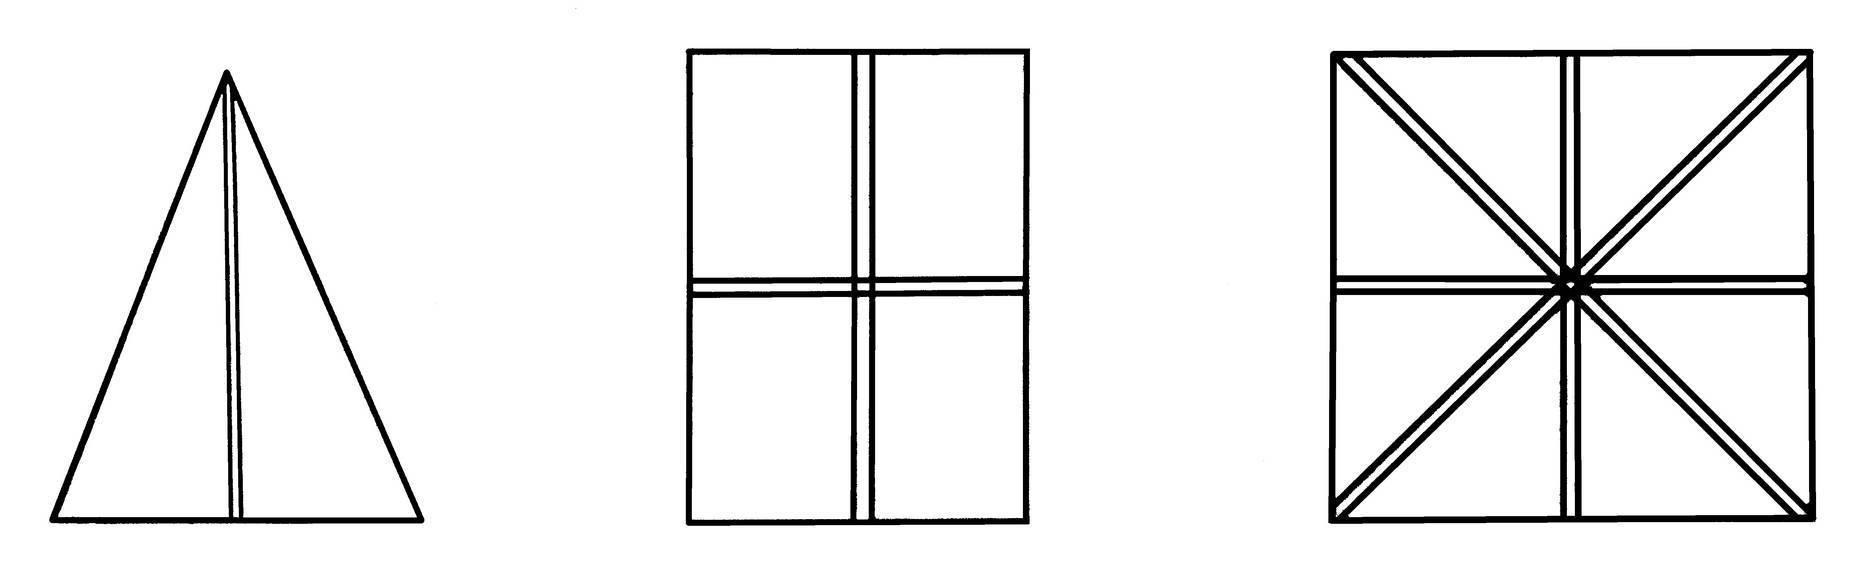 Симметрия фото